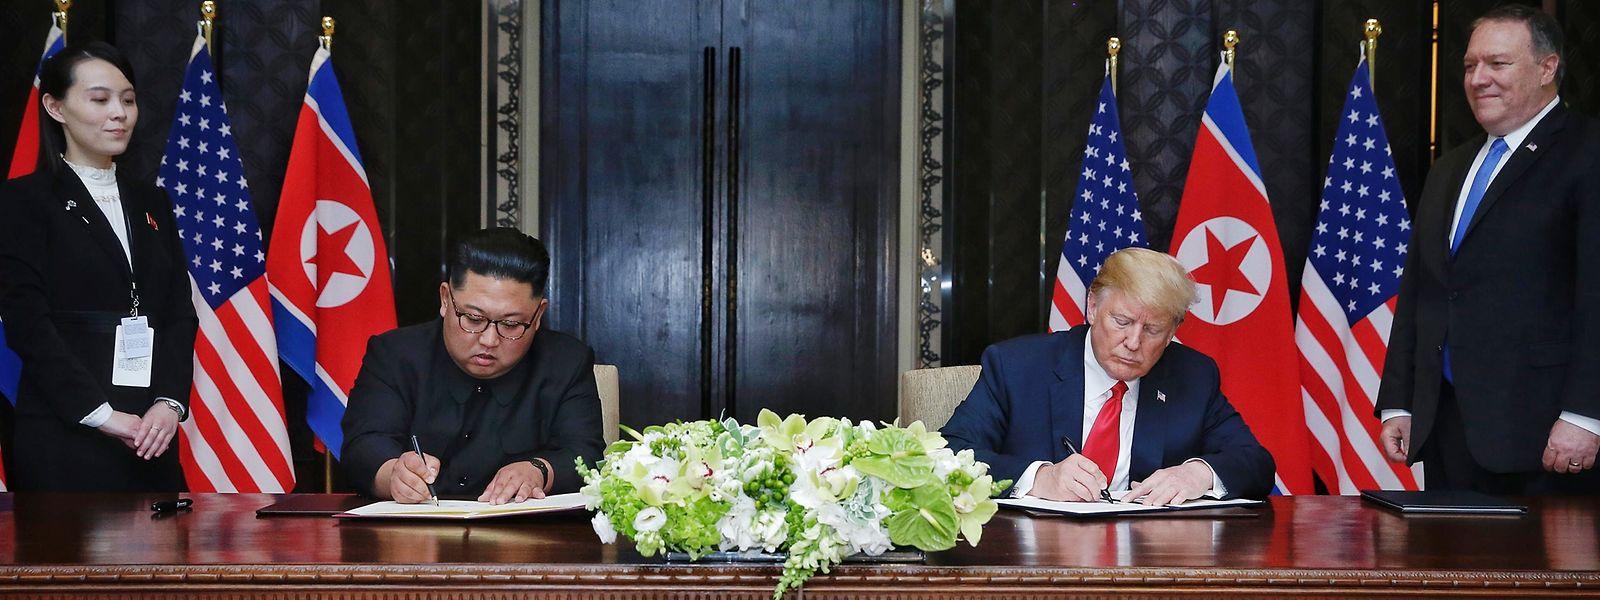 US-Präsident Donald Trump und der Machthaber von Nordkorea Kim Jong Un unterzeichnen eine gemeinsame Vereinbarung.